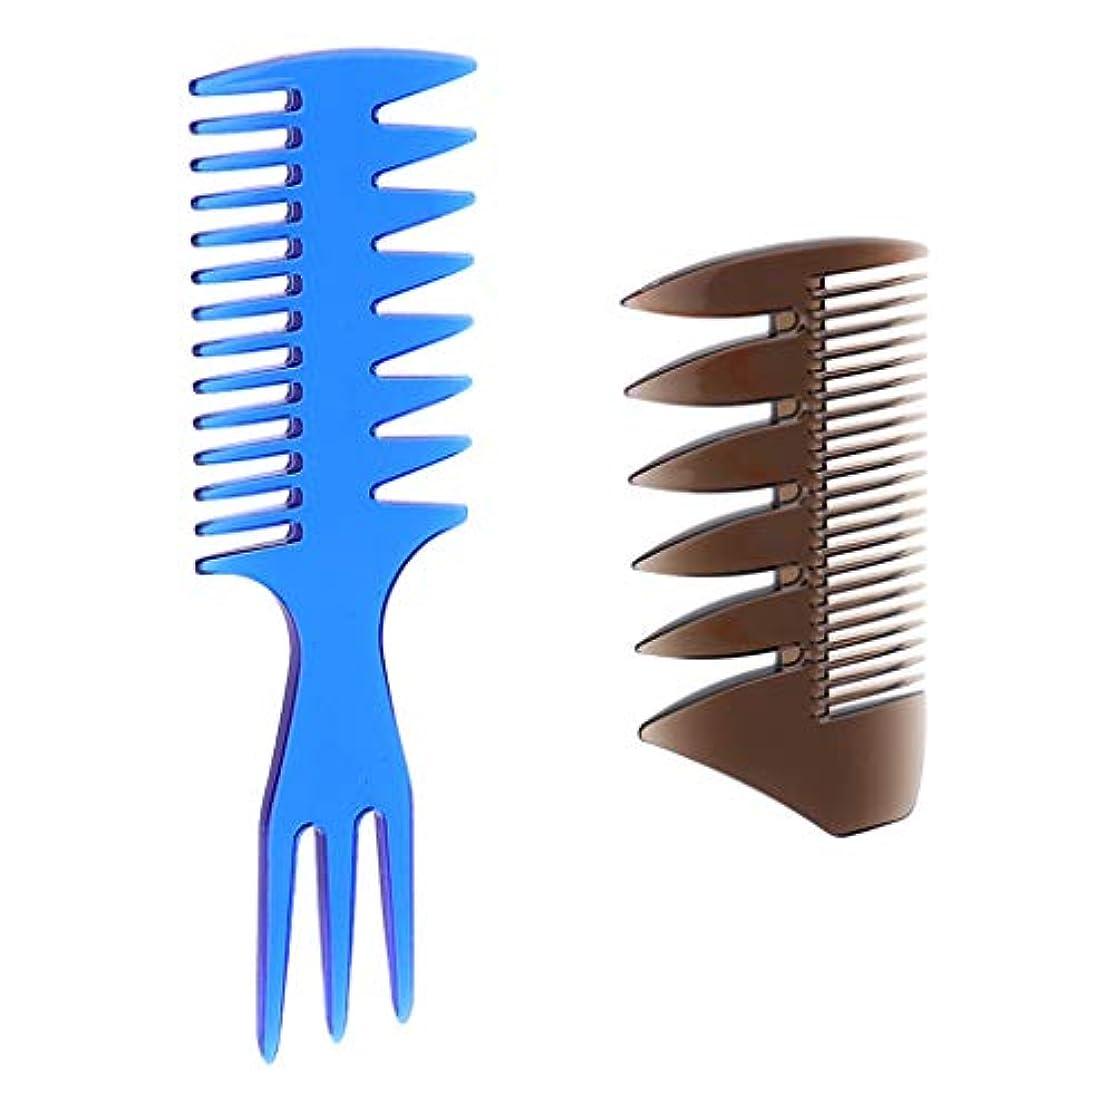 引退する質量自分自身3-in-1櫛 2-in-1櫛 ヘアサロン 髪の櫛 静電気防止櫛 2個